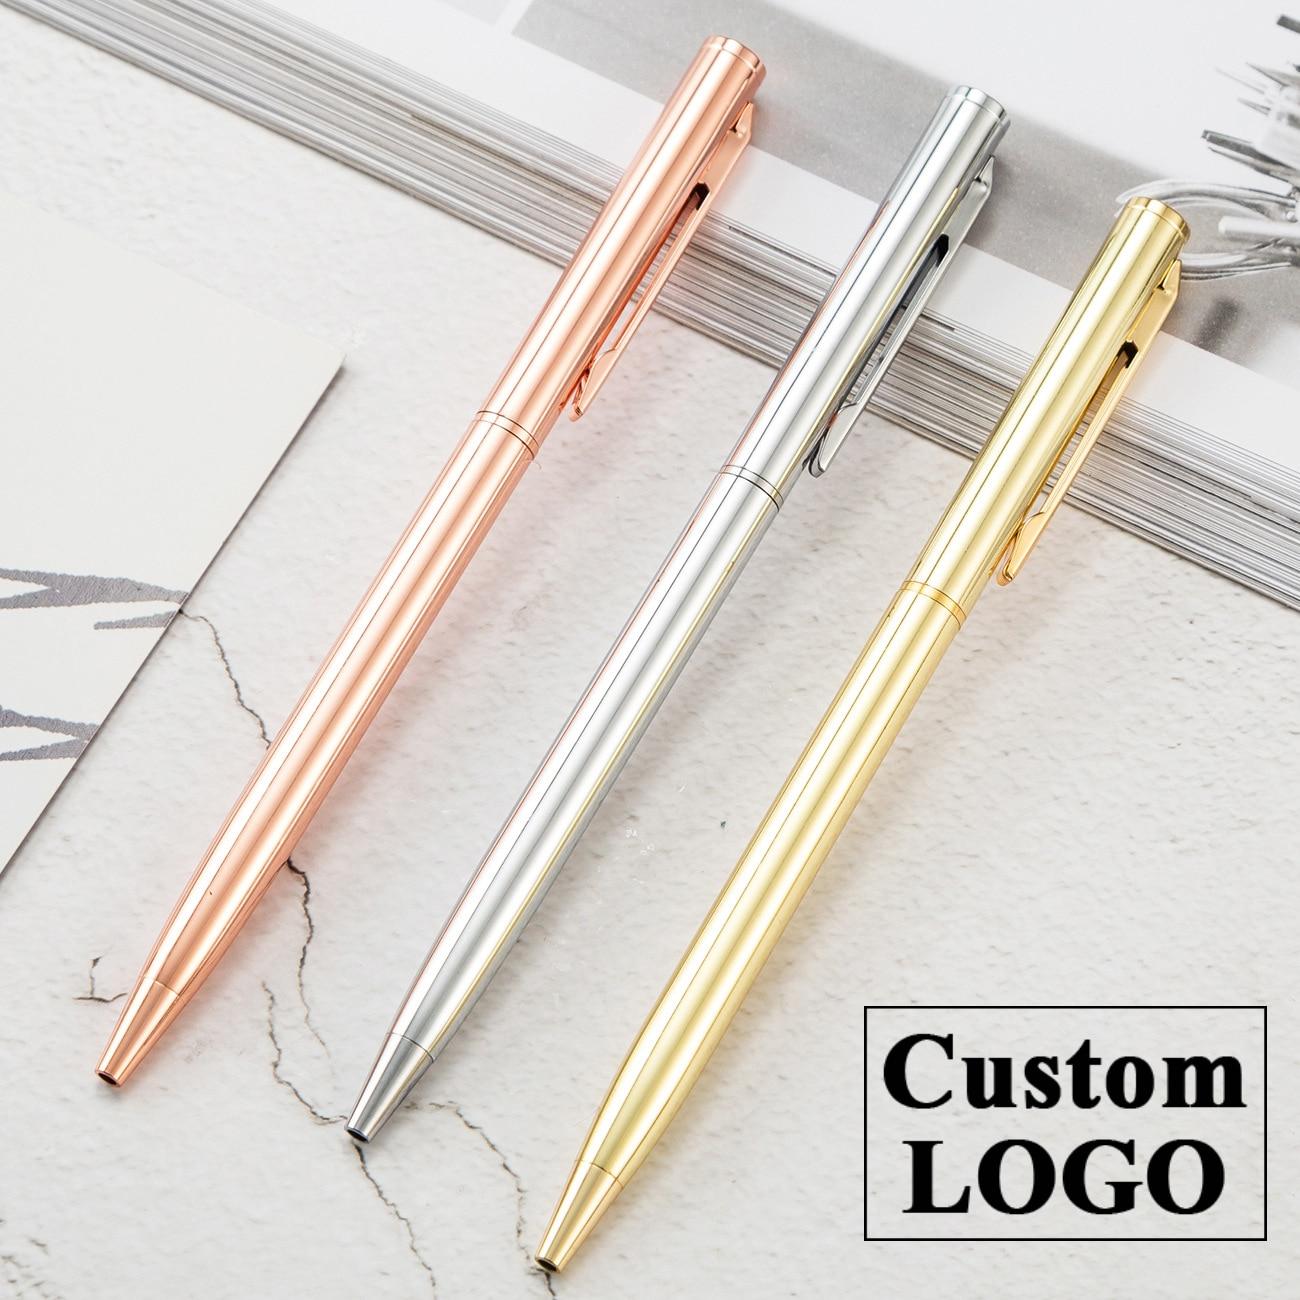 Роскошная ручка под розовое золото металлическая шариковая ручка Пользовательский логотип рекламная Шариковая ручка для школы и офиса надпись выгравированное имя